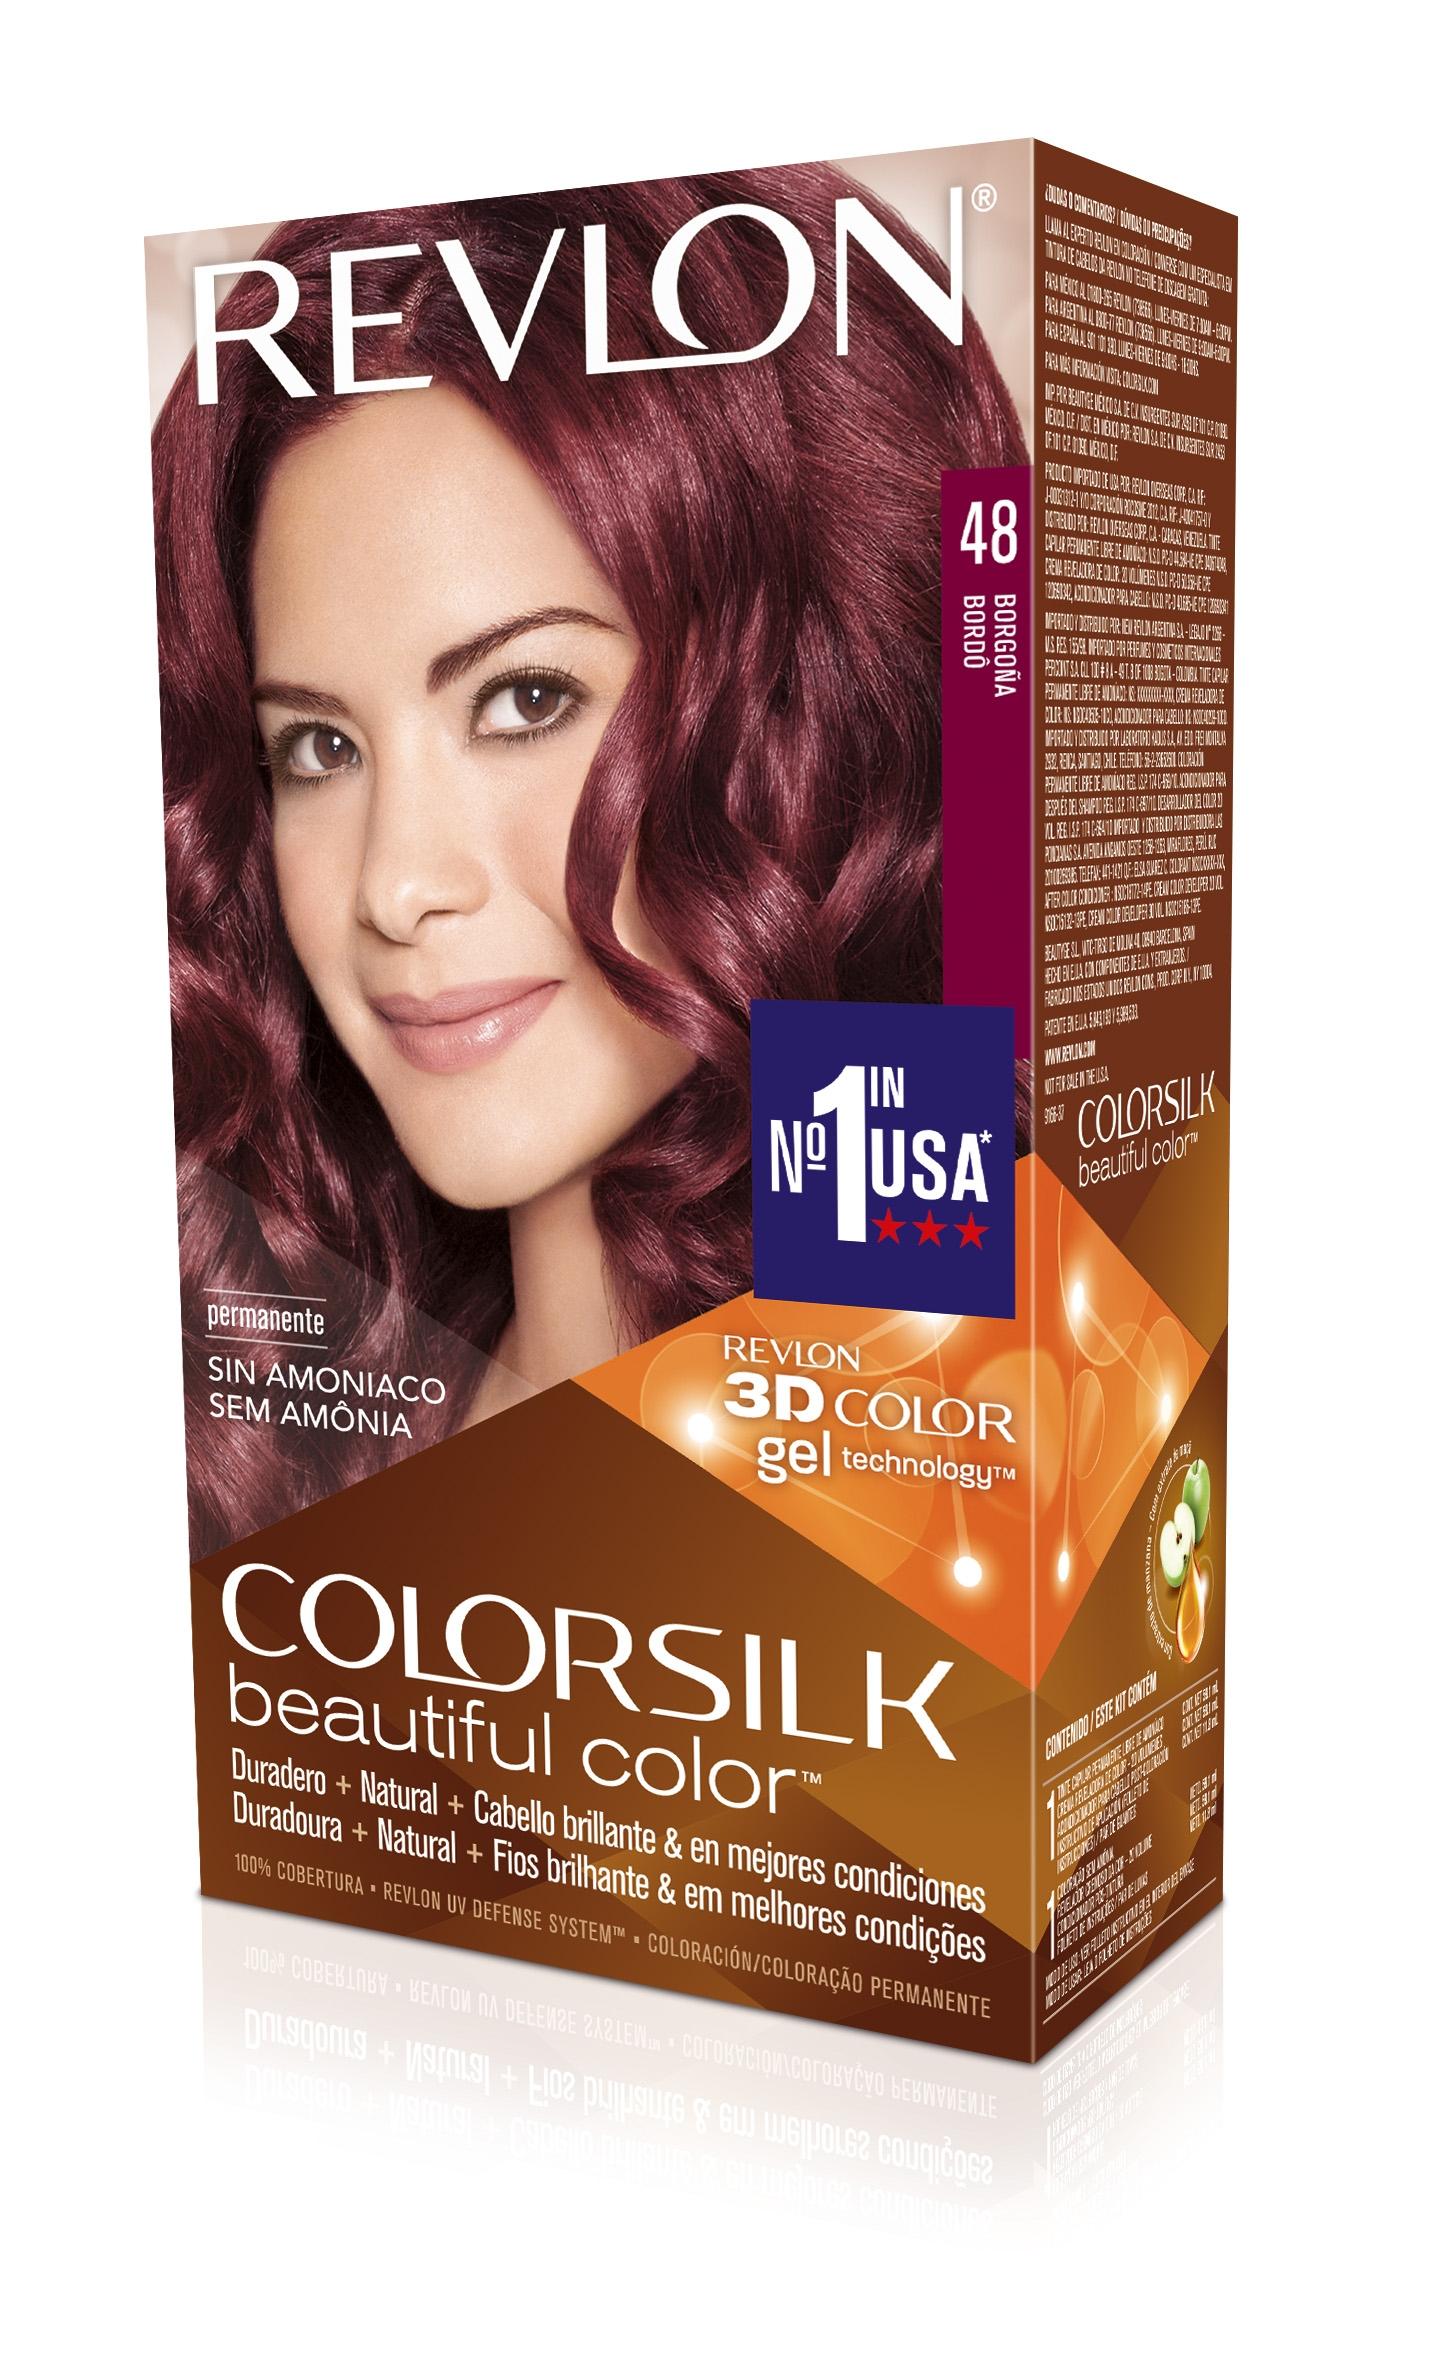 Comprar Tinte Revlon Colorsilk 48 Borgo 241 A Mejor Precio